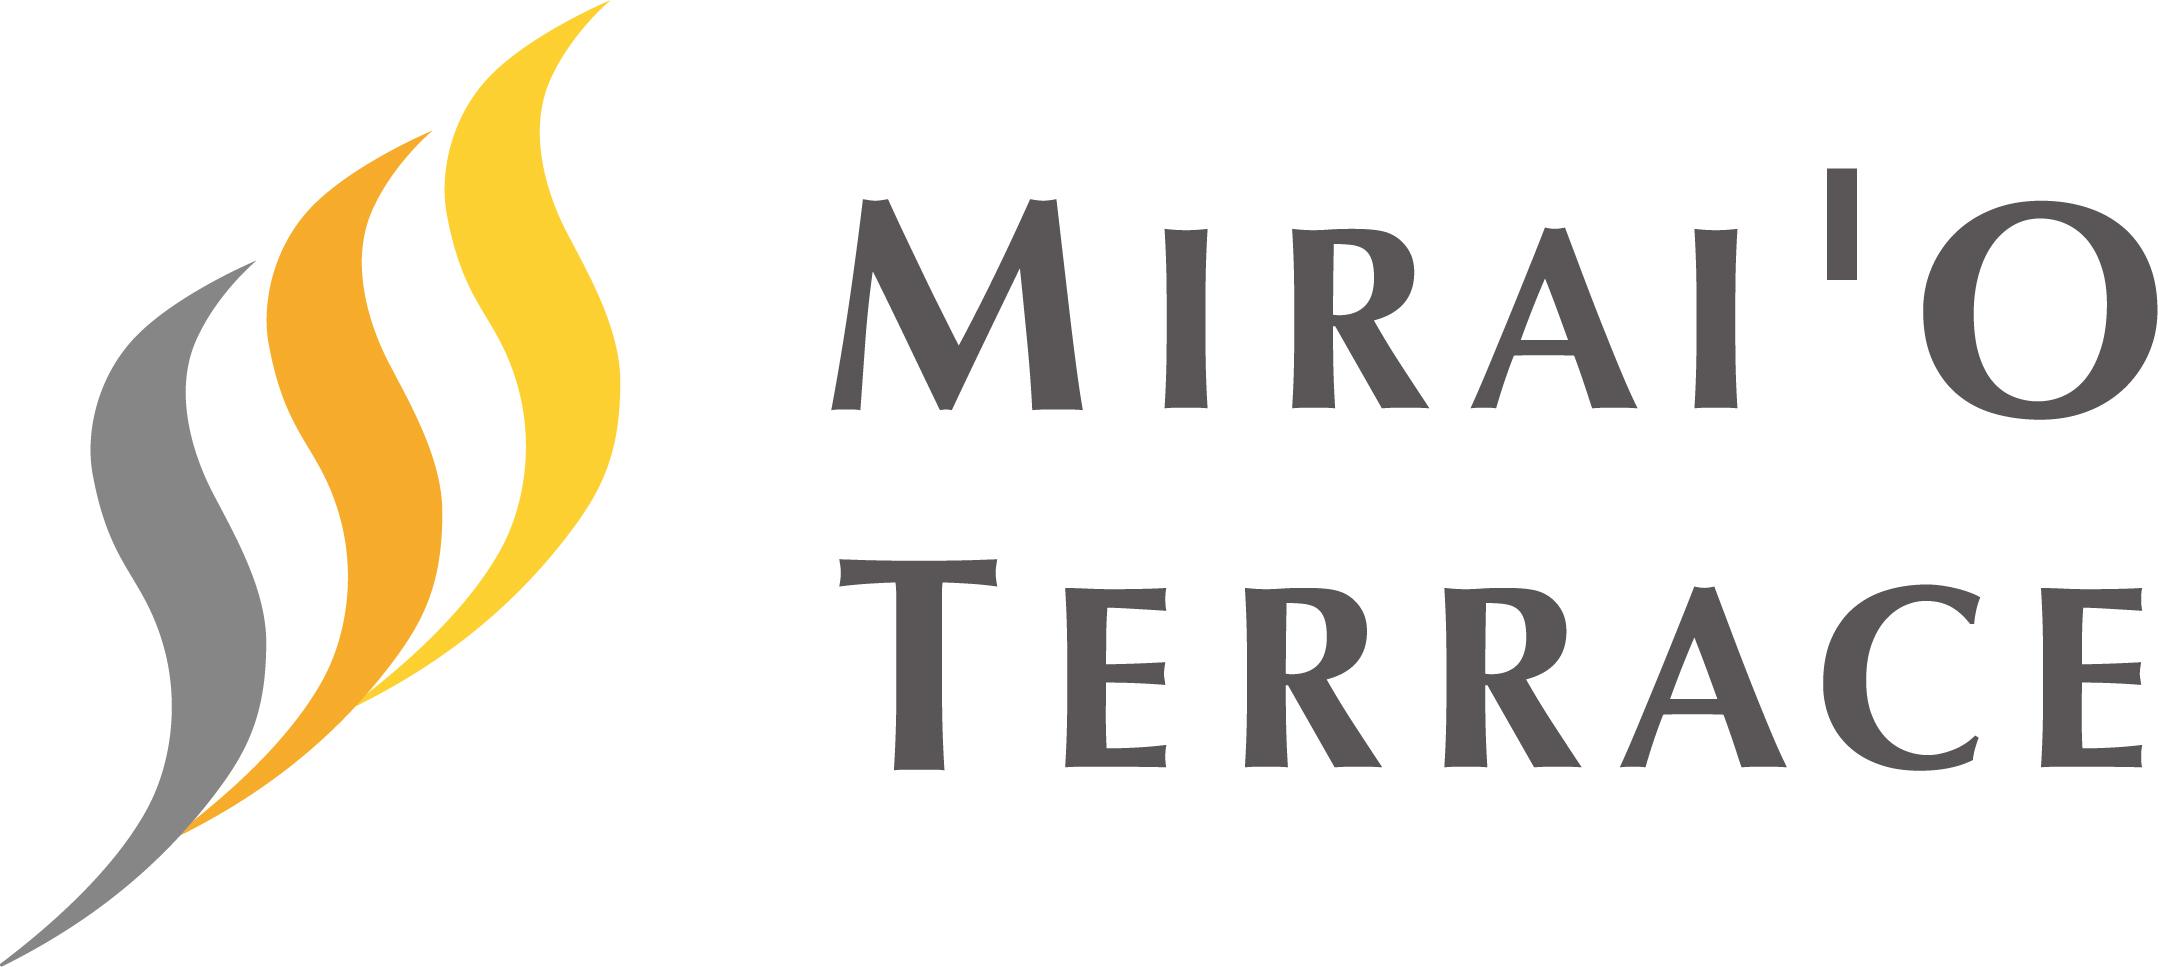 MIRAIO TERRACE